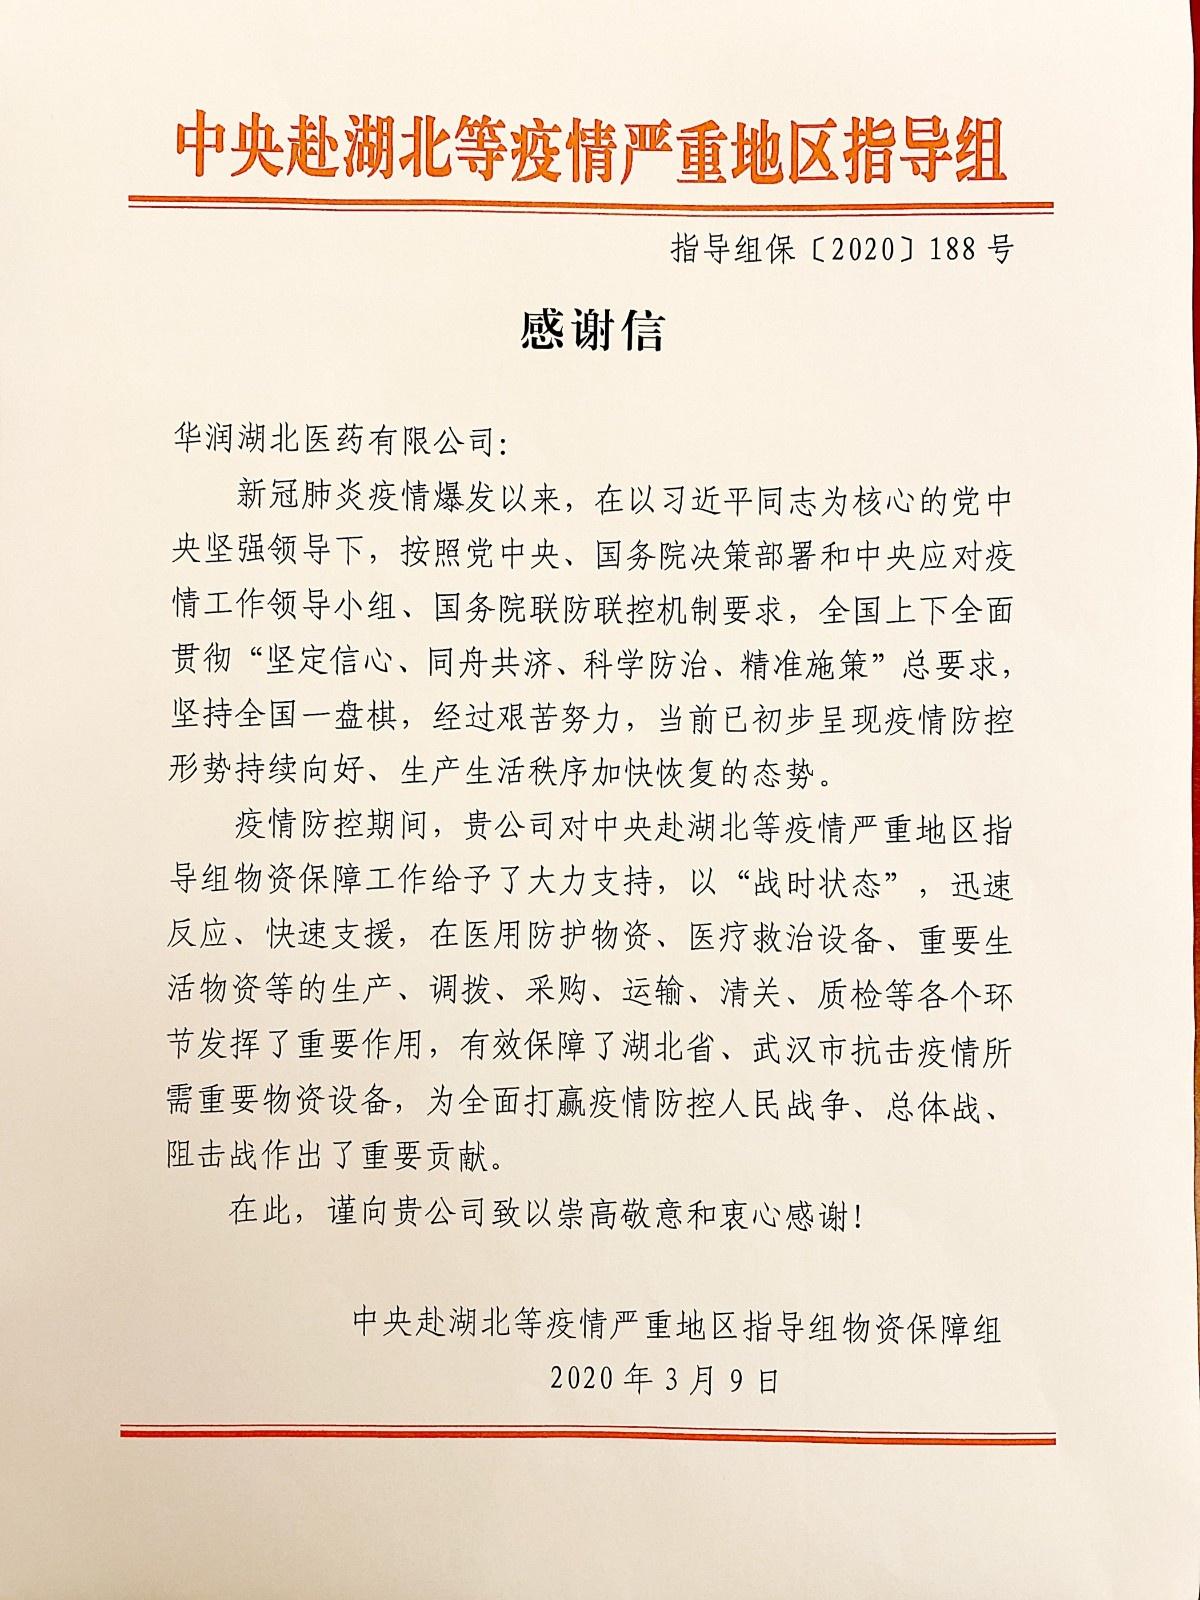 中央指導組感謝信(1)_0.jpg